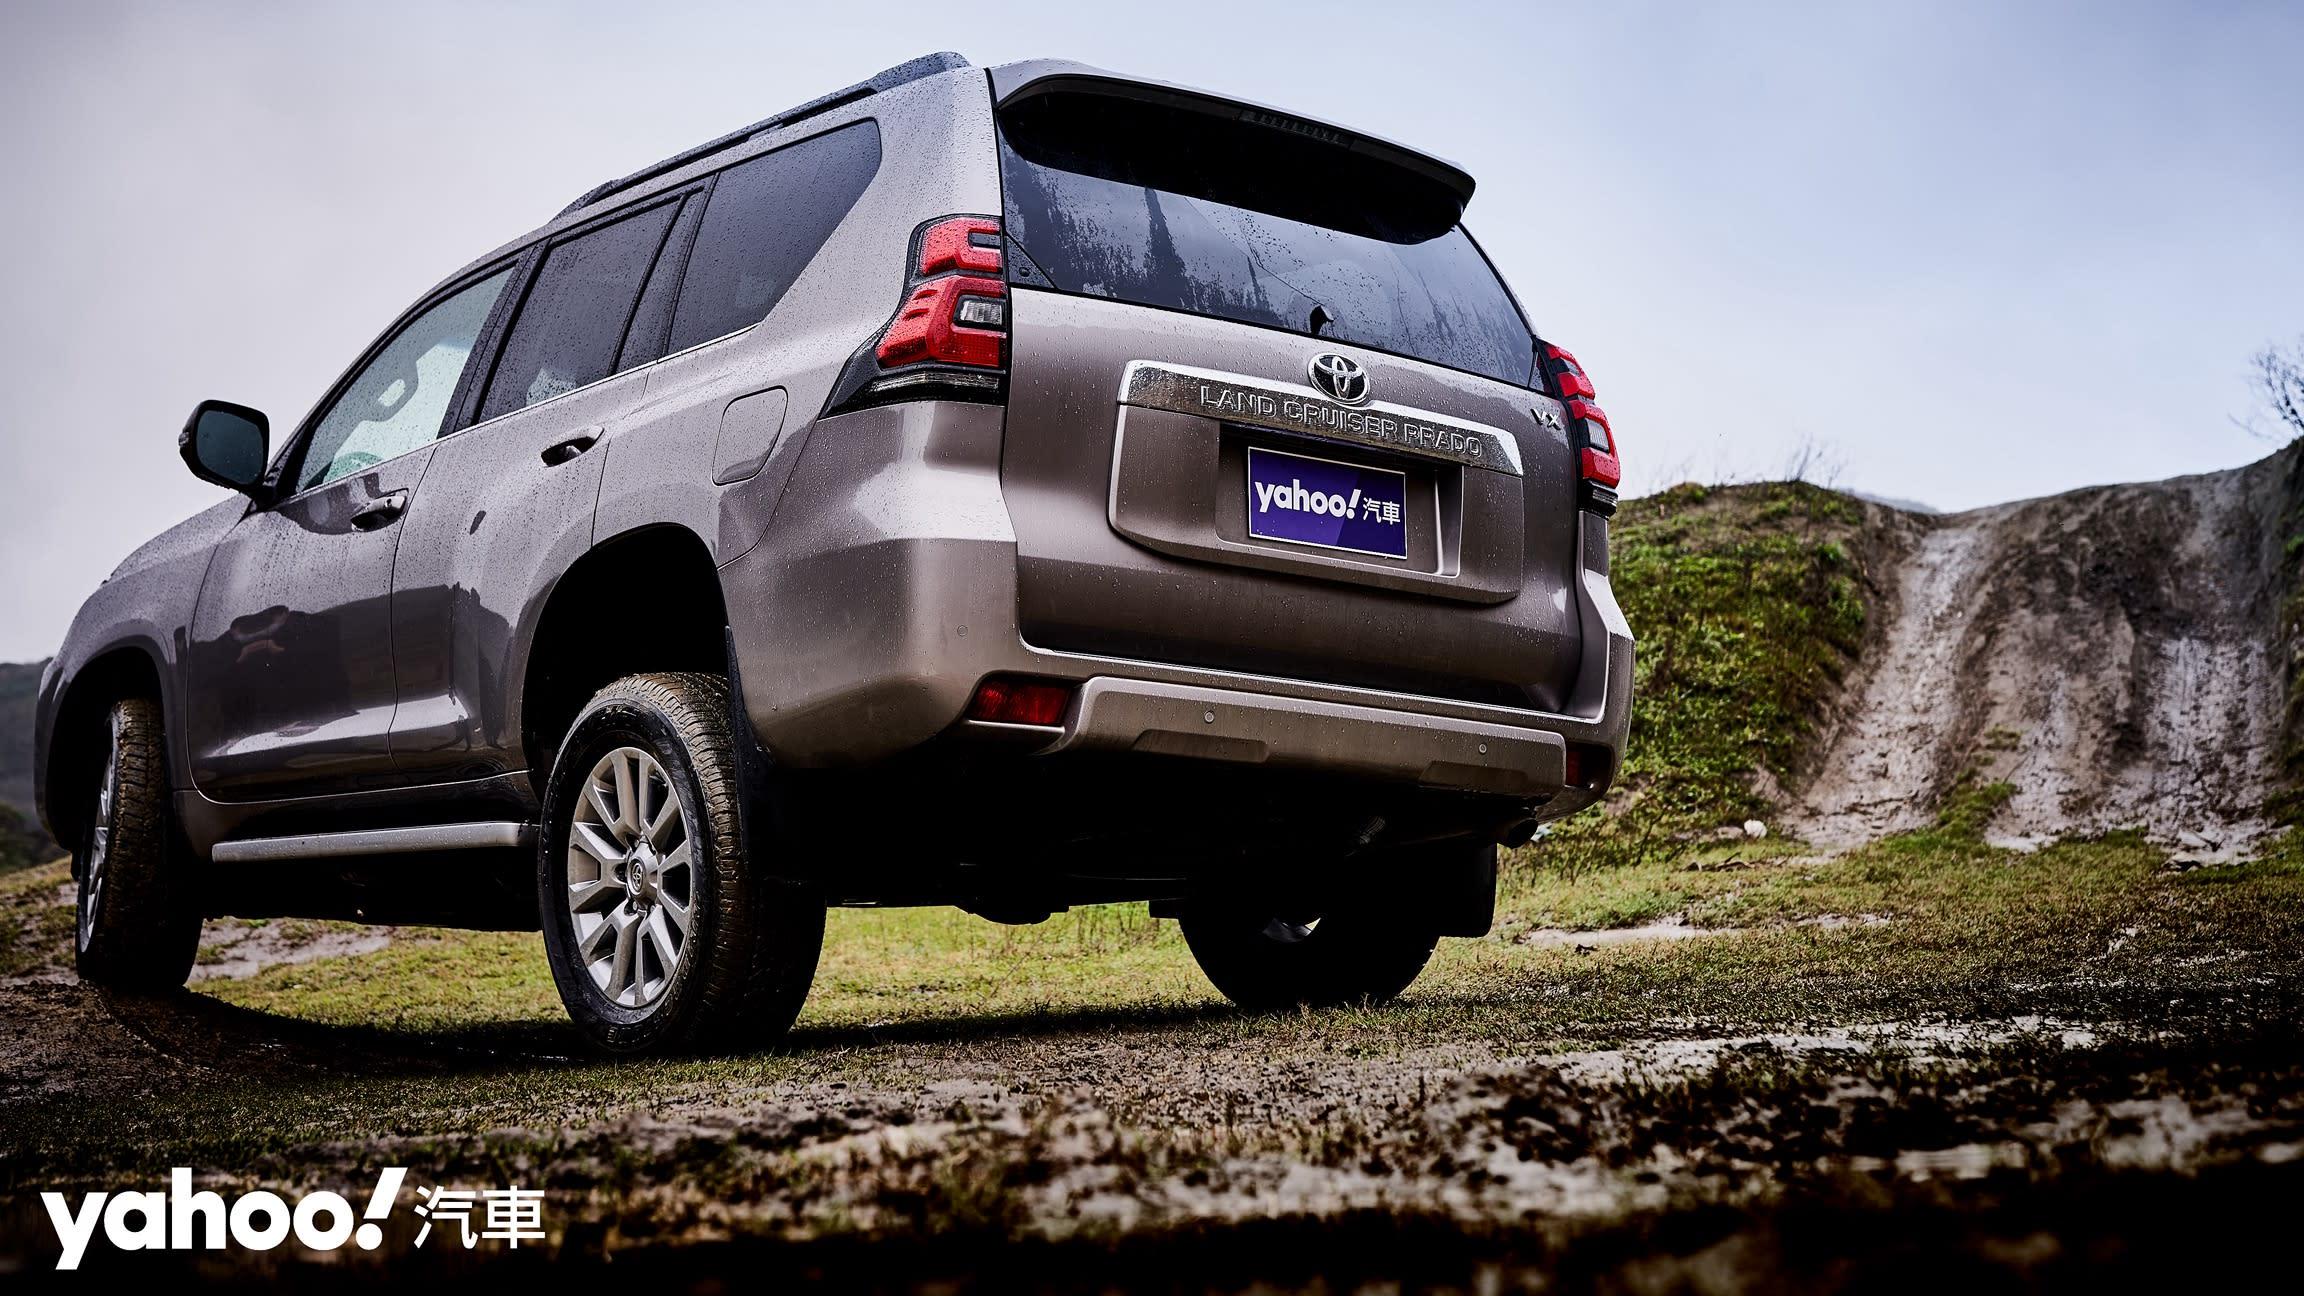 溫馴樣貌下的狂野從未改變!2021 Toyota小改款Land Cruiser Prado綜合試駕!